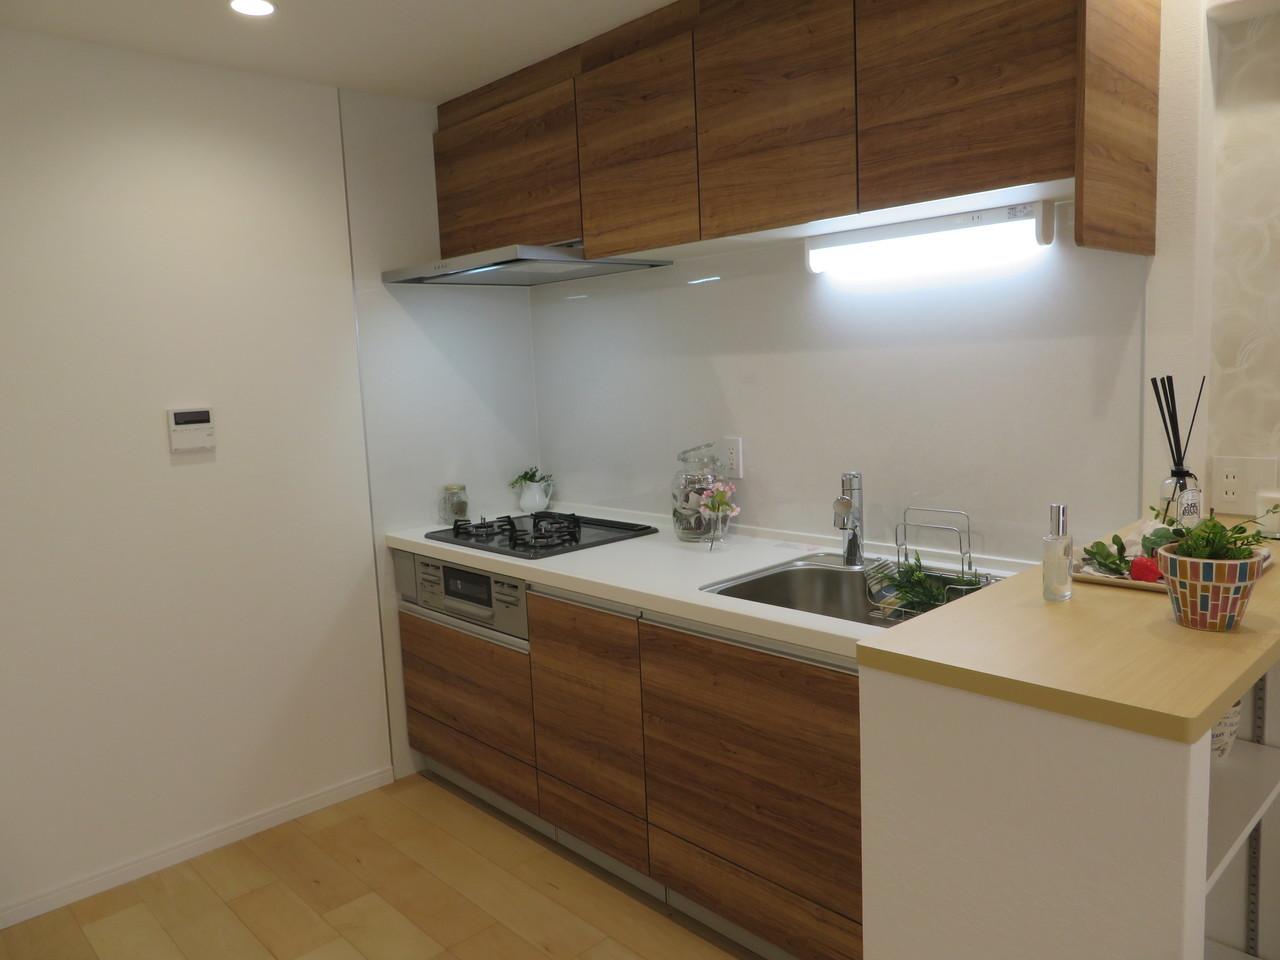 ◇システムキッチン 壁側に面したキッチンでリビングを広くお使いいただけます。